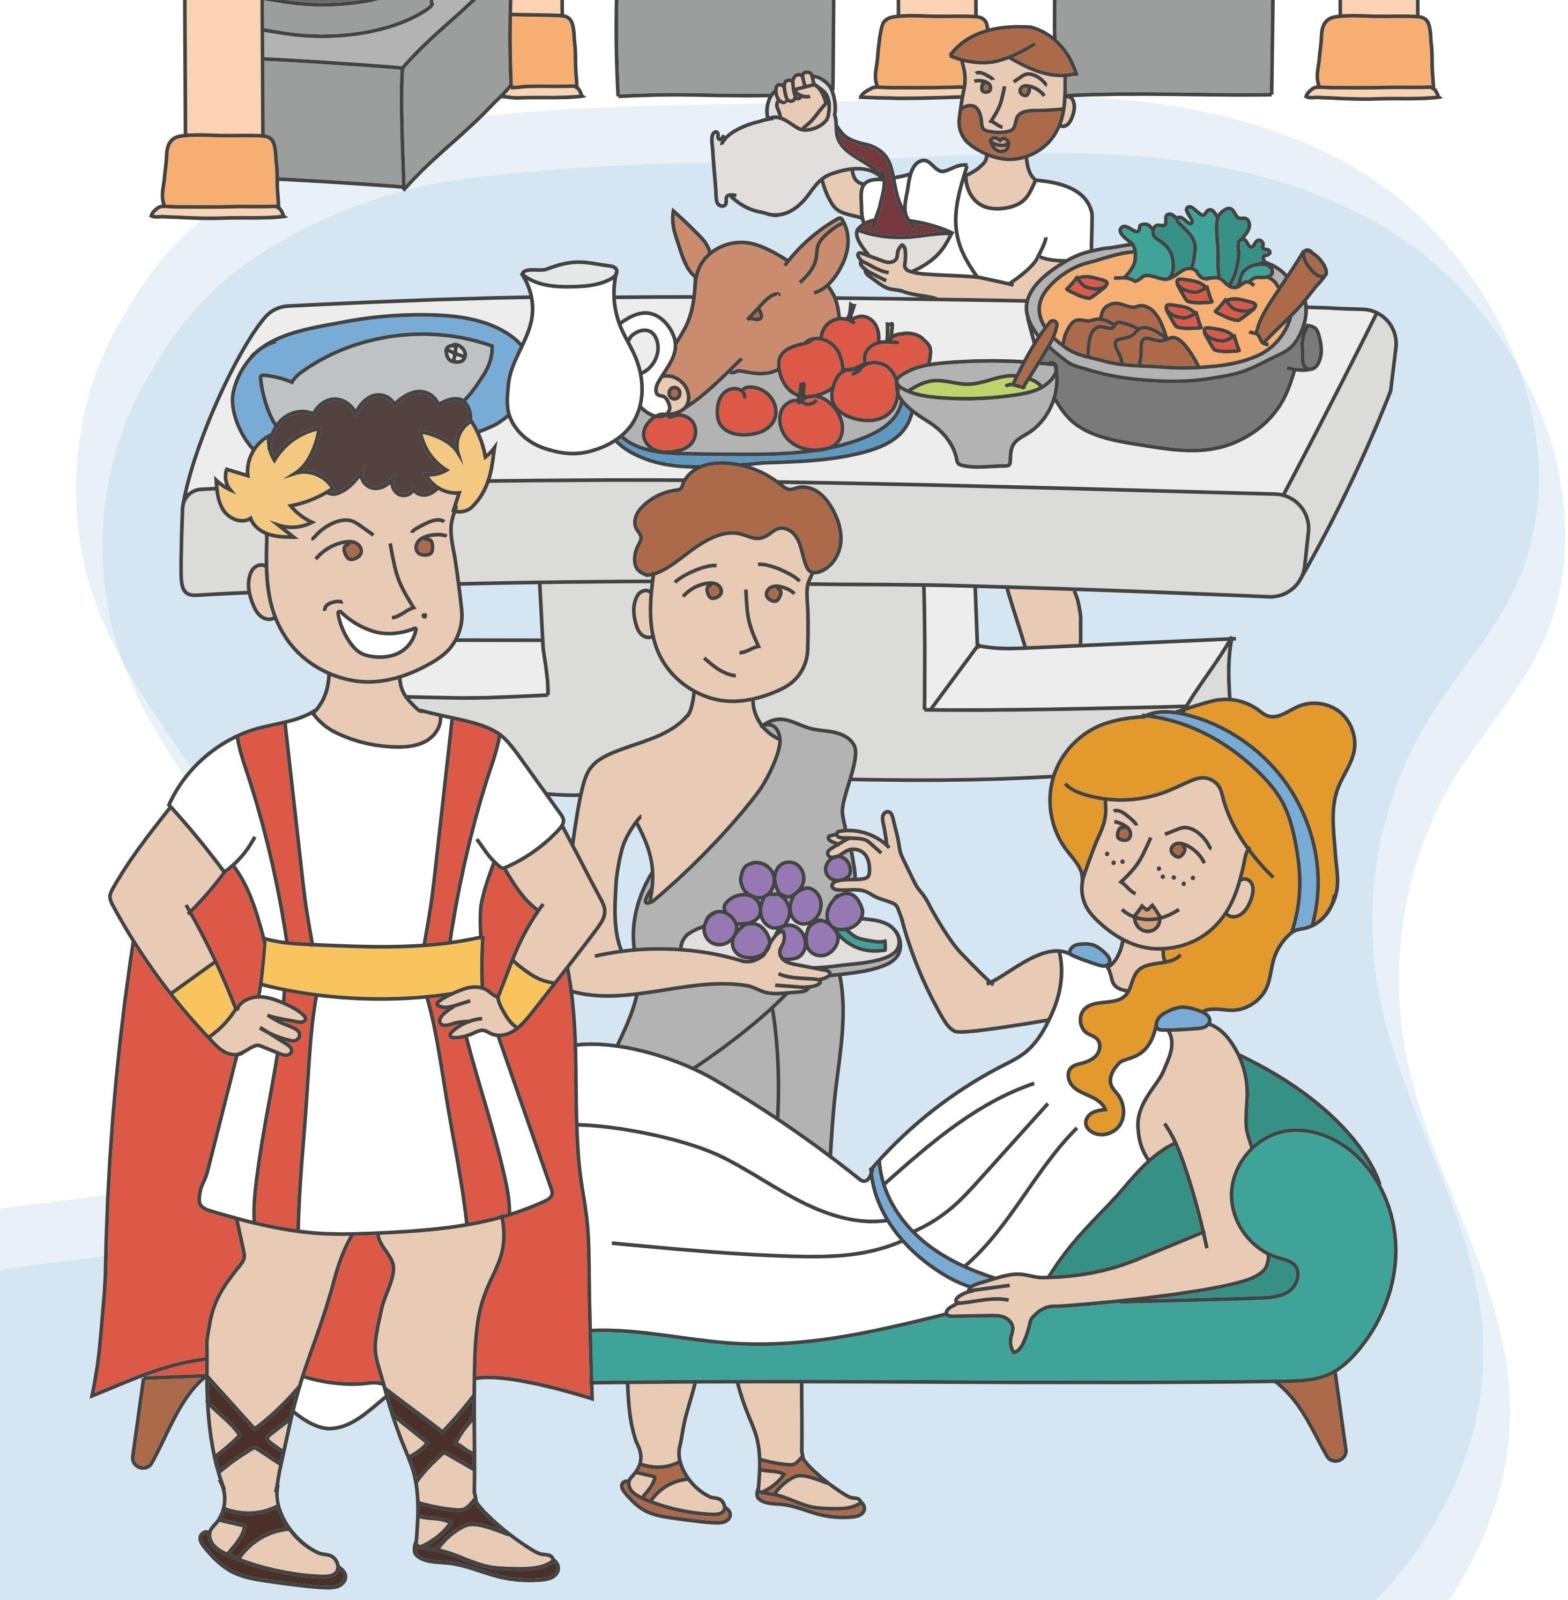 Ilustração de uma cena da vida romana - uma mulher sentada numa poltrona a ser servida por um empregado com uma bandeja de uvas, atras uma mesa com vários alimentos e um homem a deitar vinho para uma tijela, na frente um homem vestido de imperador